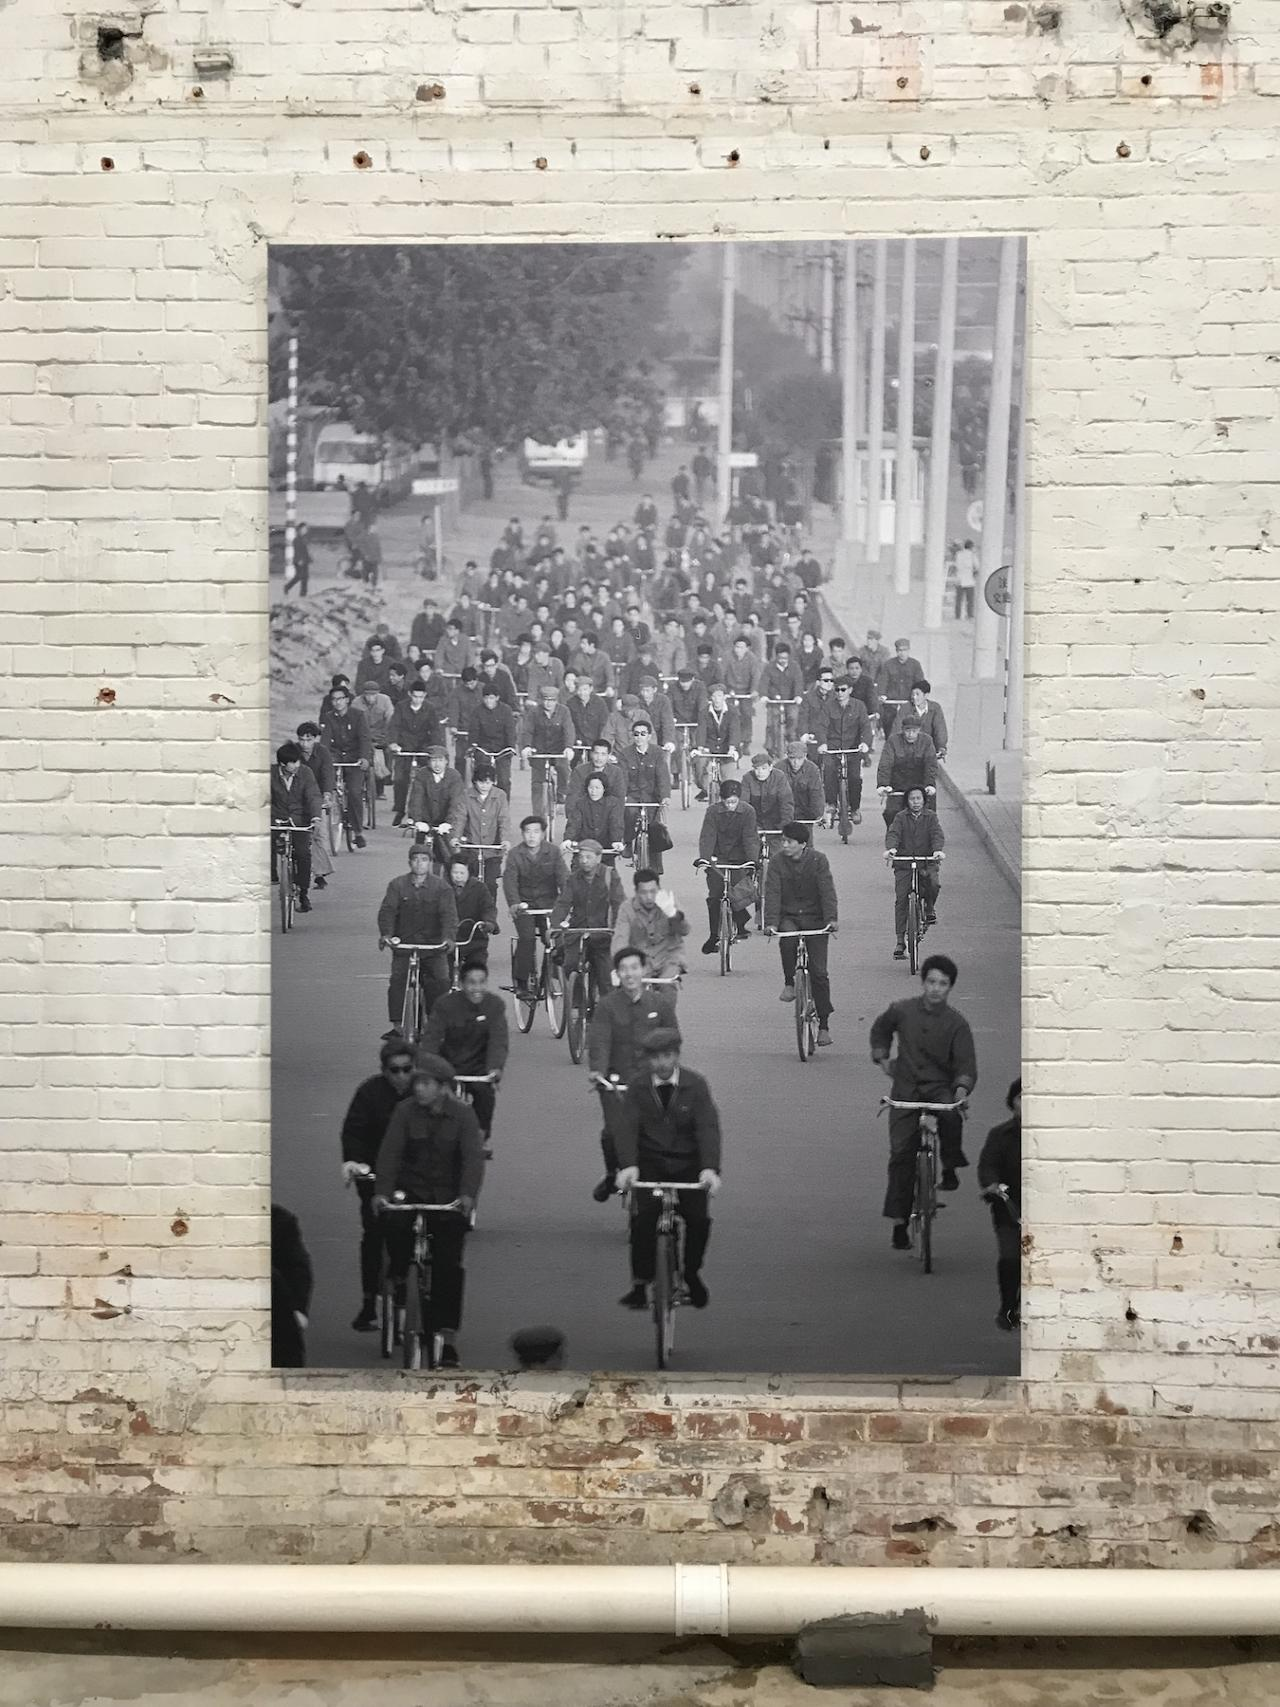 Liu Heung Shing photography atStar Gallery